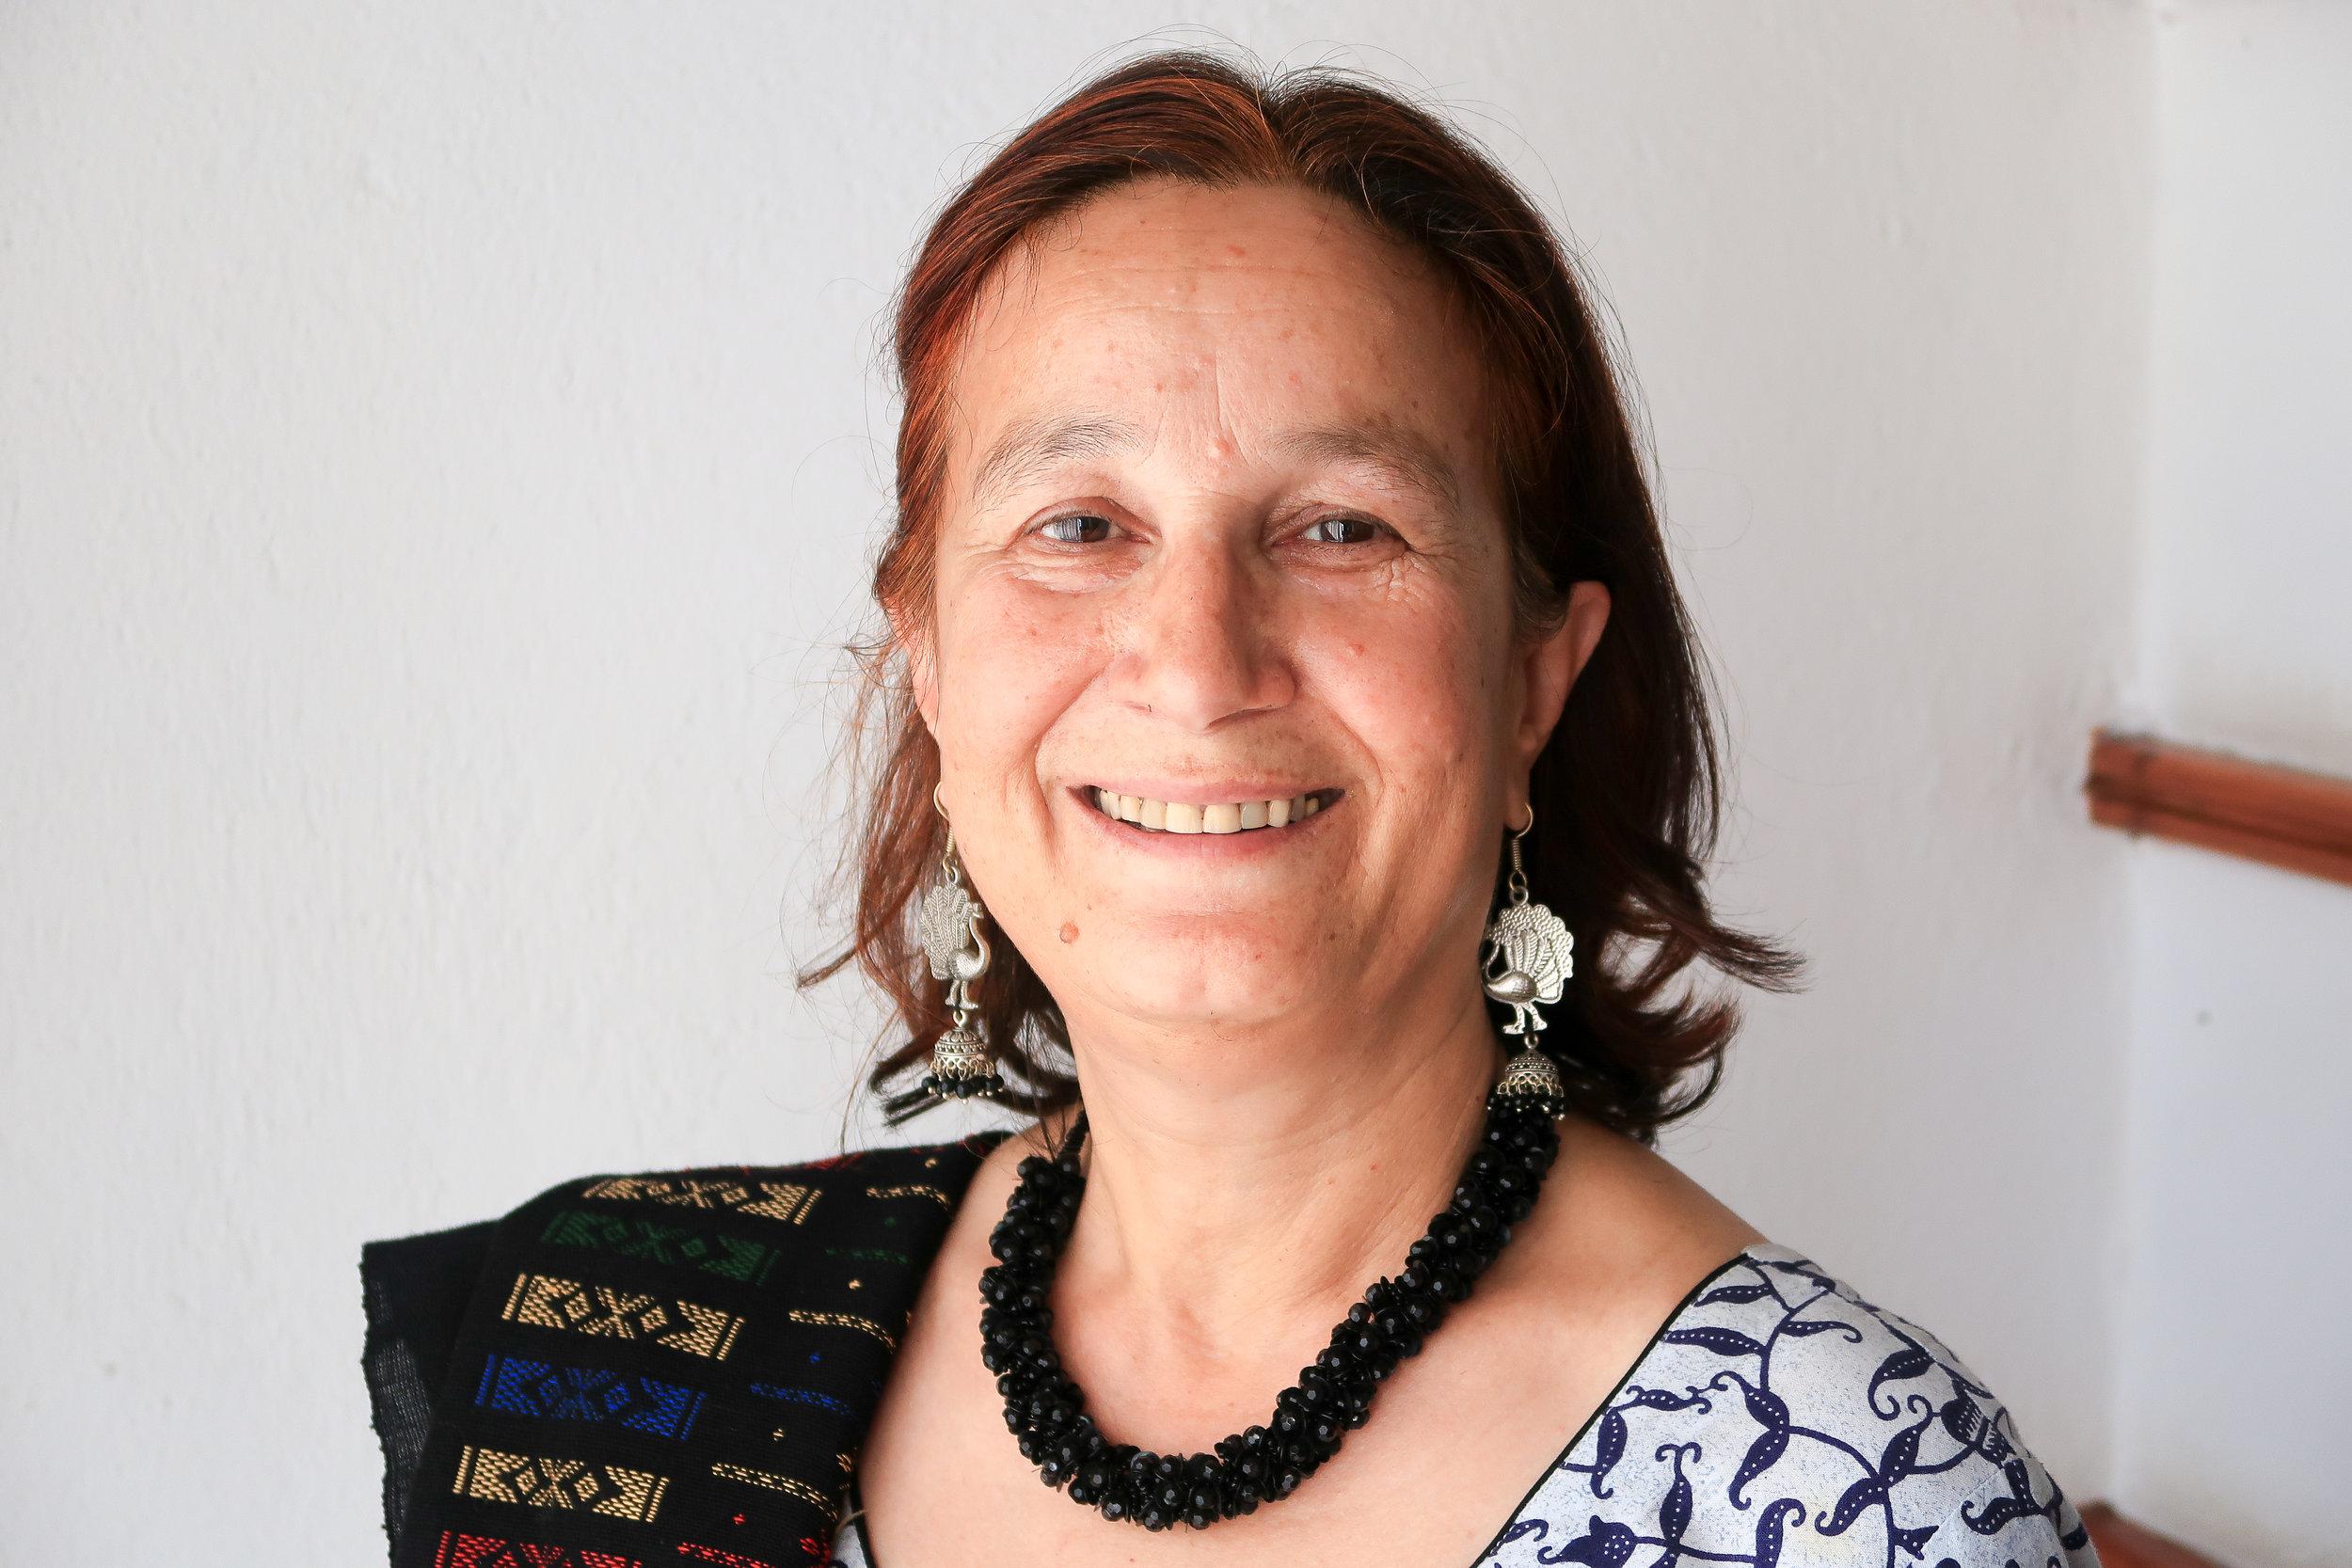 Dr. Aruna Upreti